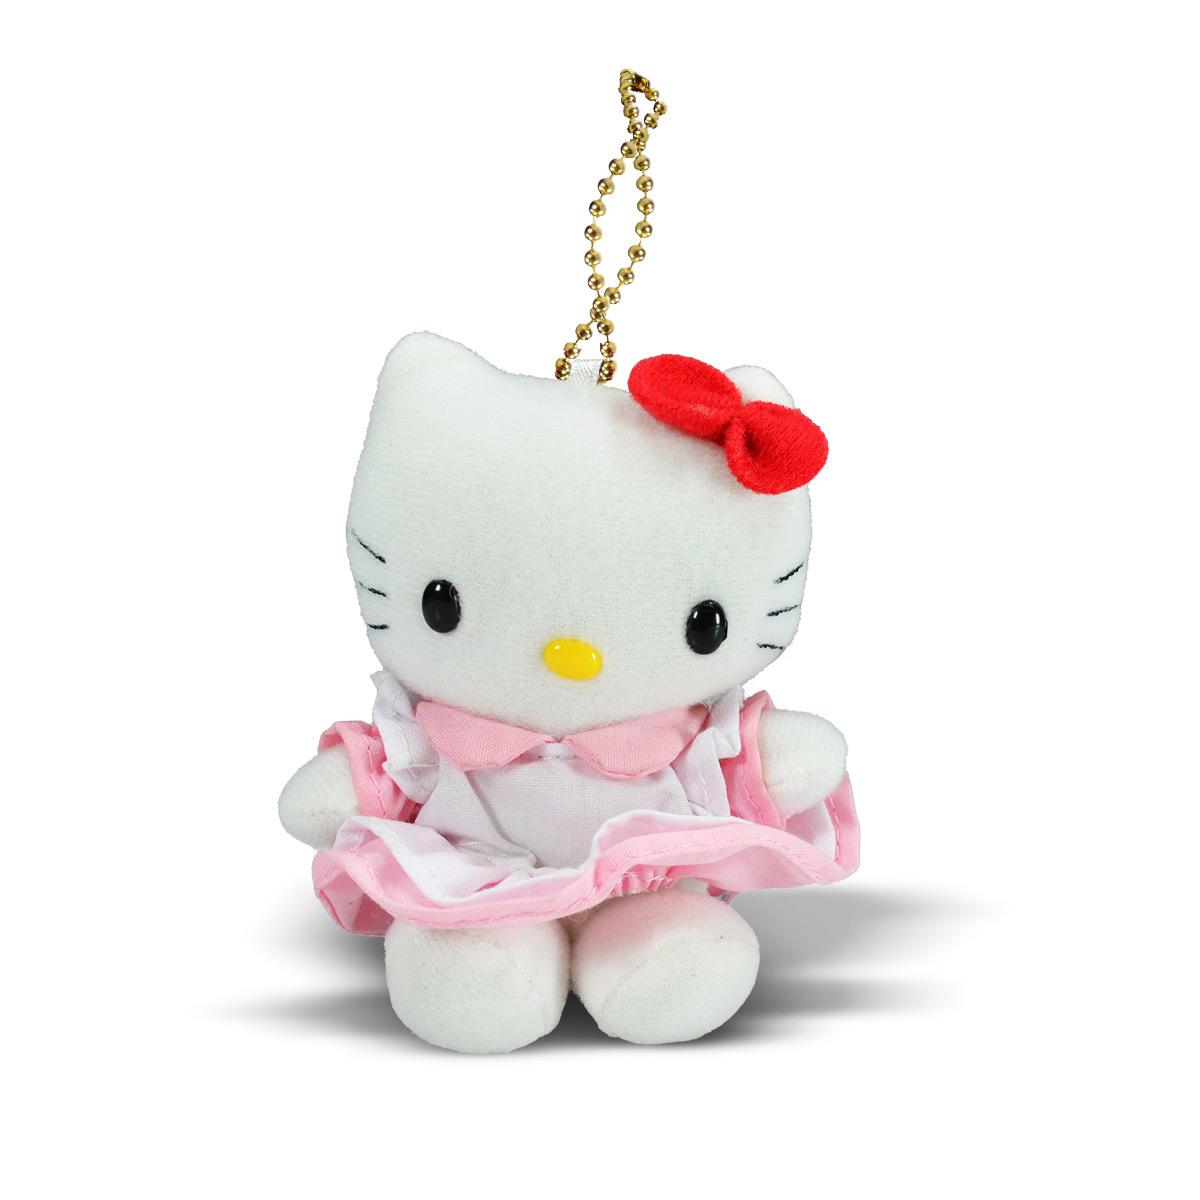 Chaveiro de Pelúcia Hello Kitty de Vestido